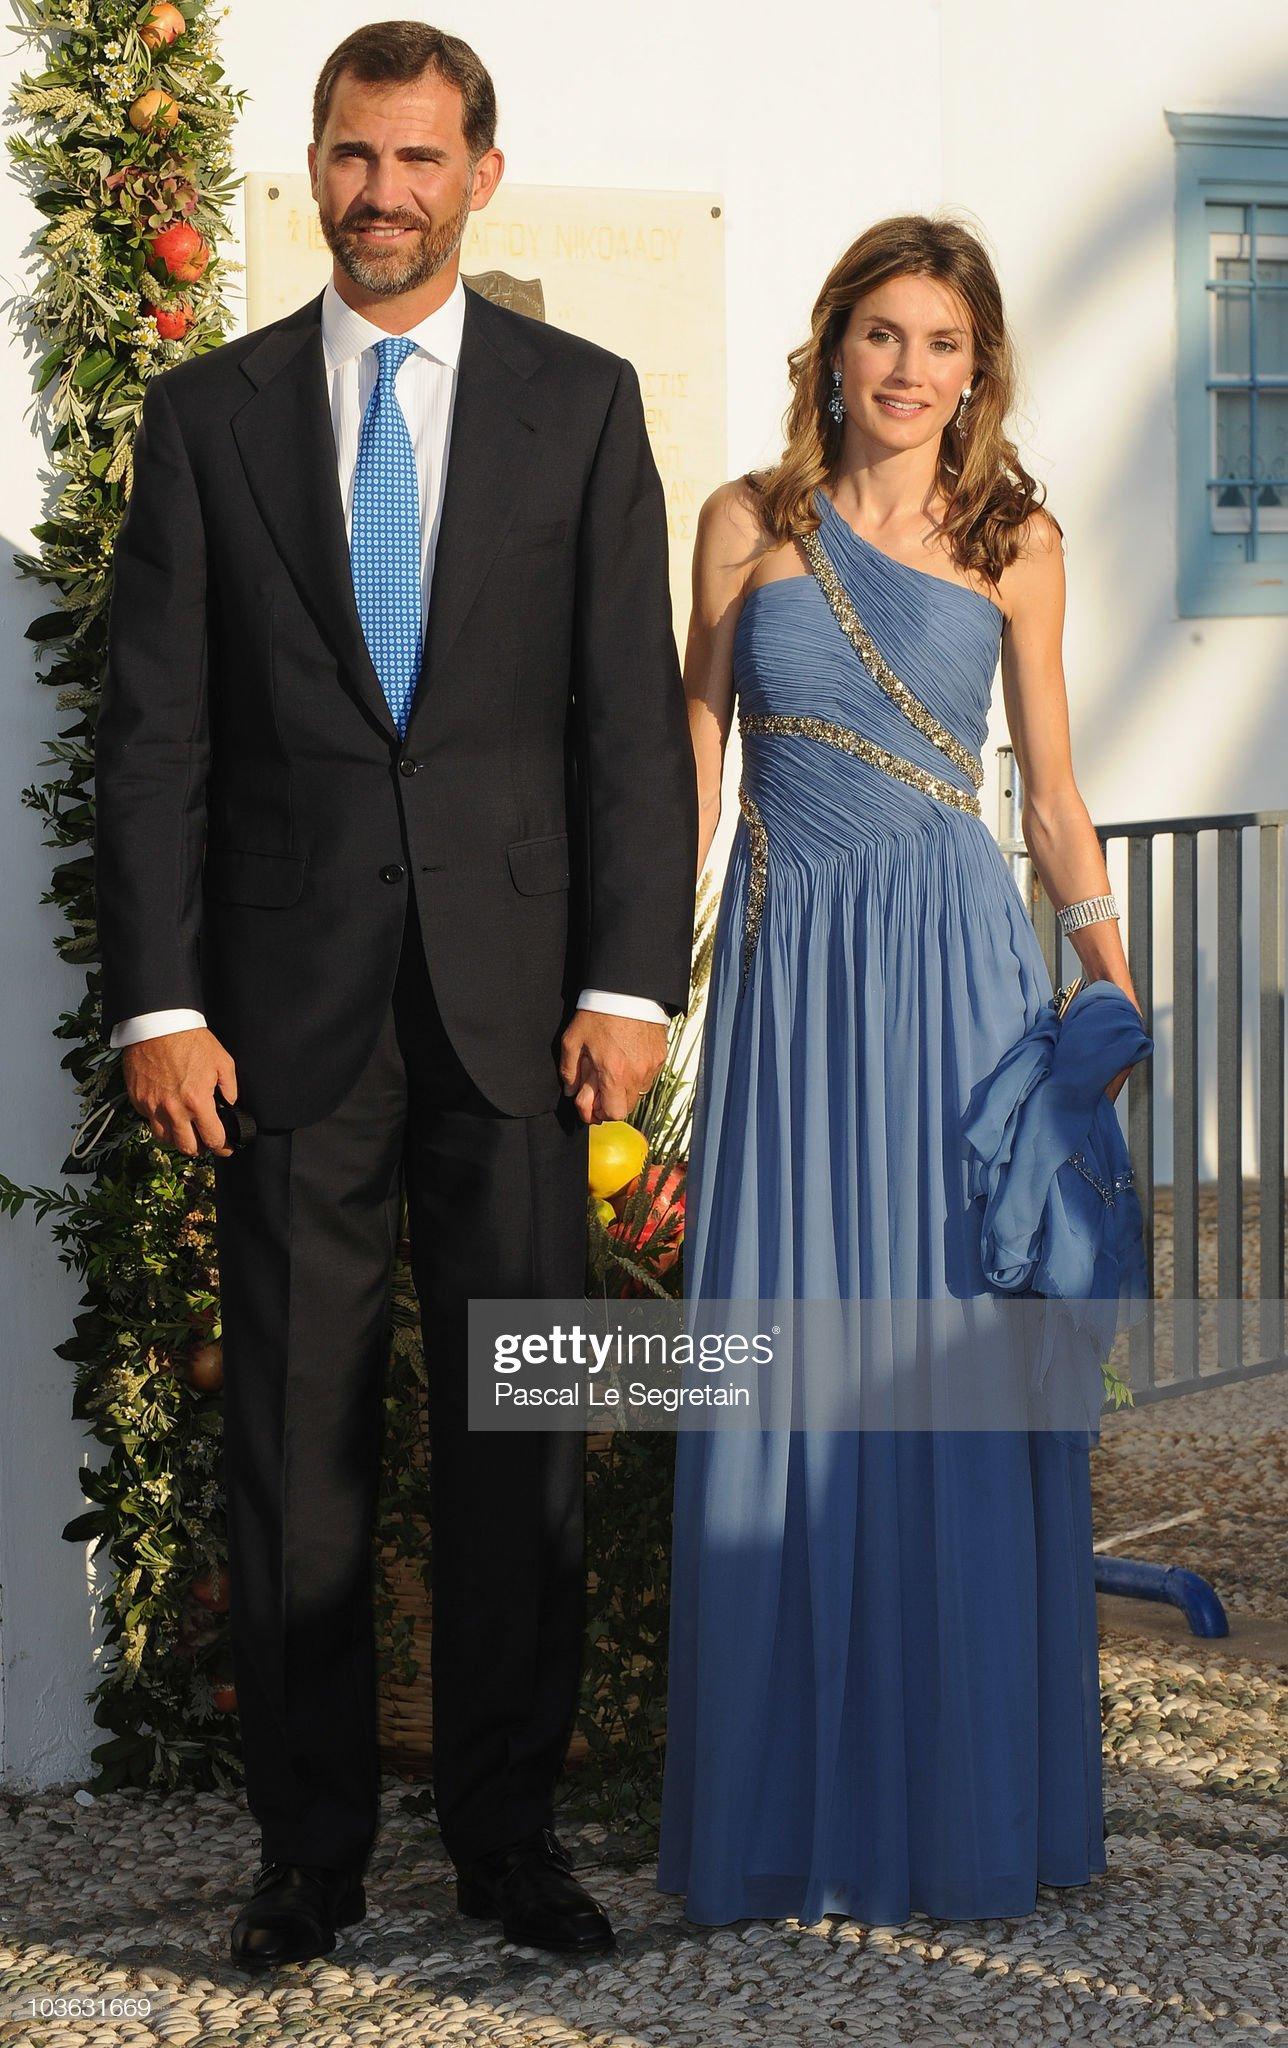 Вечерние наряды Королевы Летиции Wedding of Prince Nikolaos and Miss Tatiana Blatnik - Wedding Service : News Photo